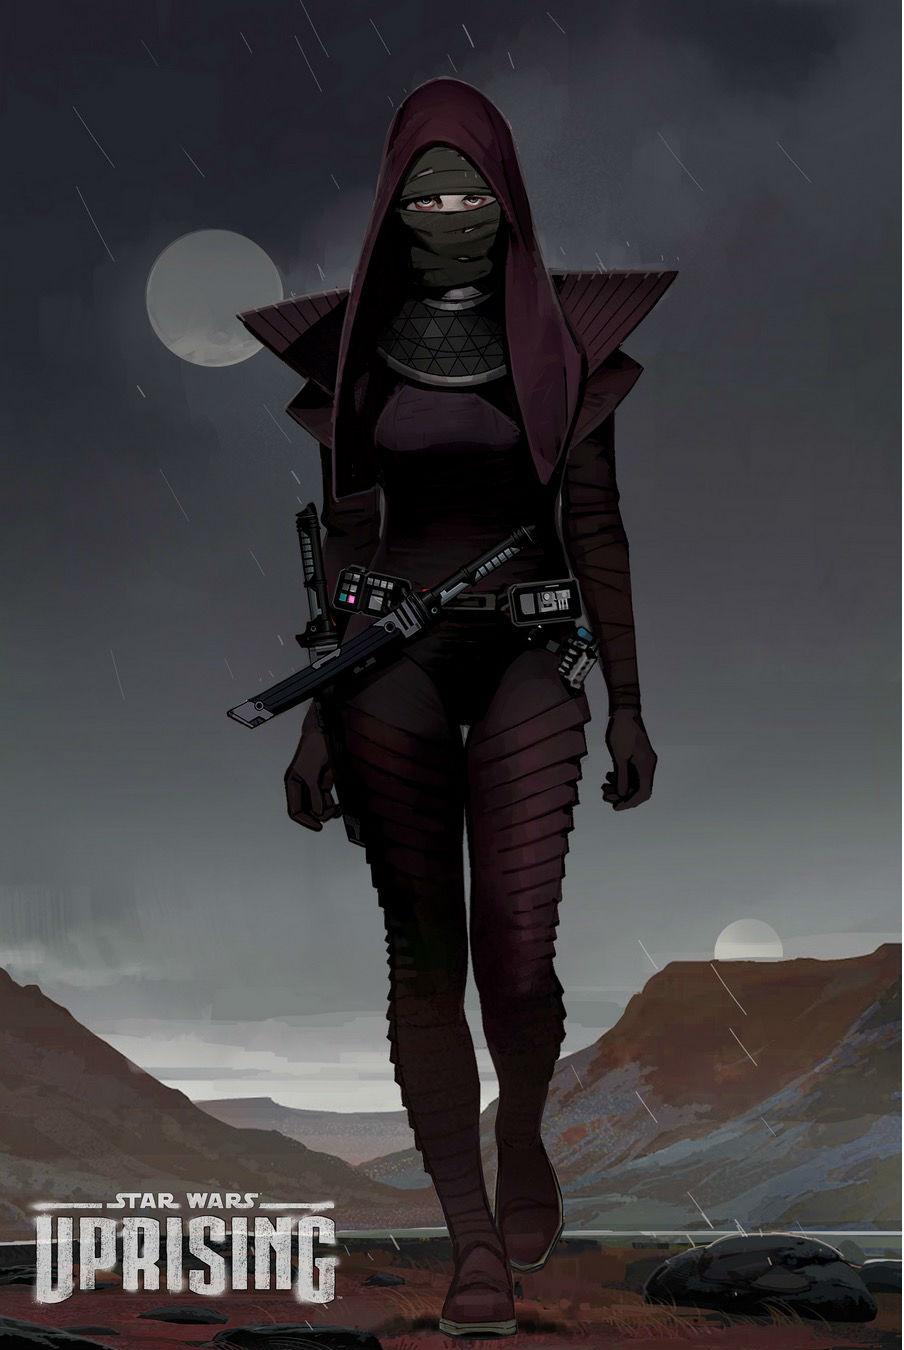 Star Wars Uprising Trailer: New Mobile Game Set After u0026#39;Jediu0026#39;